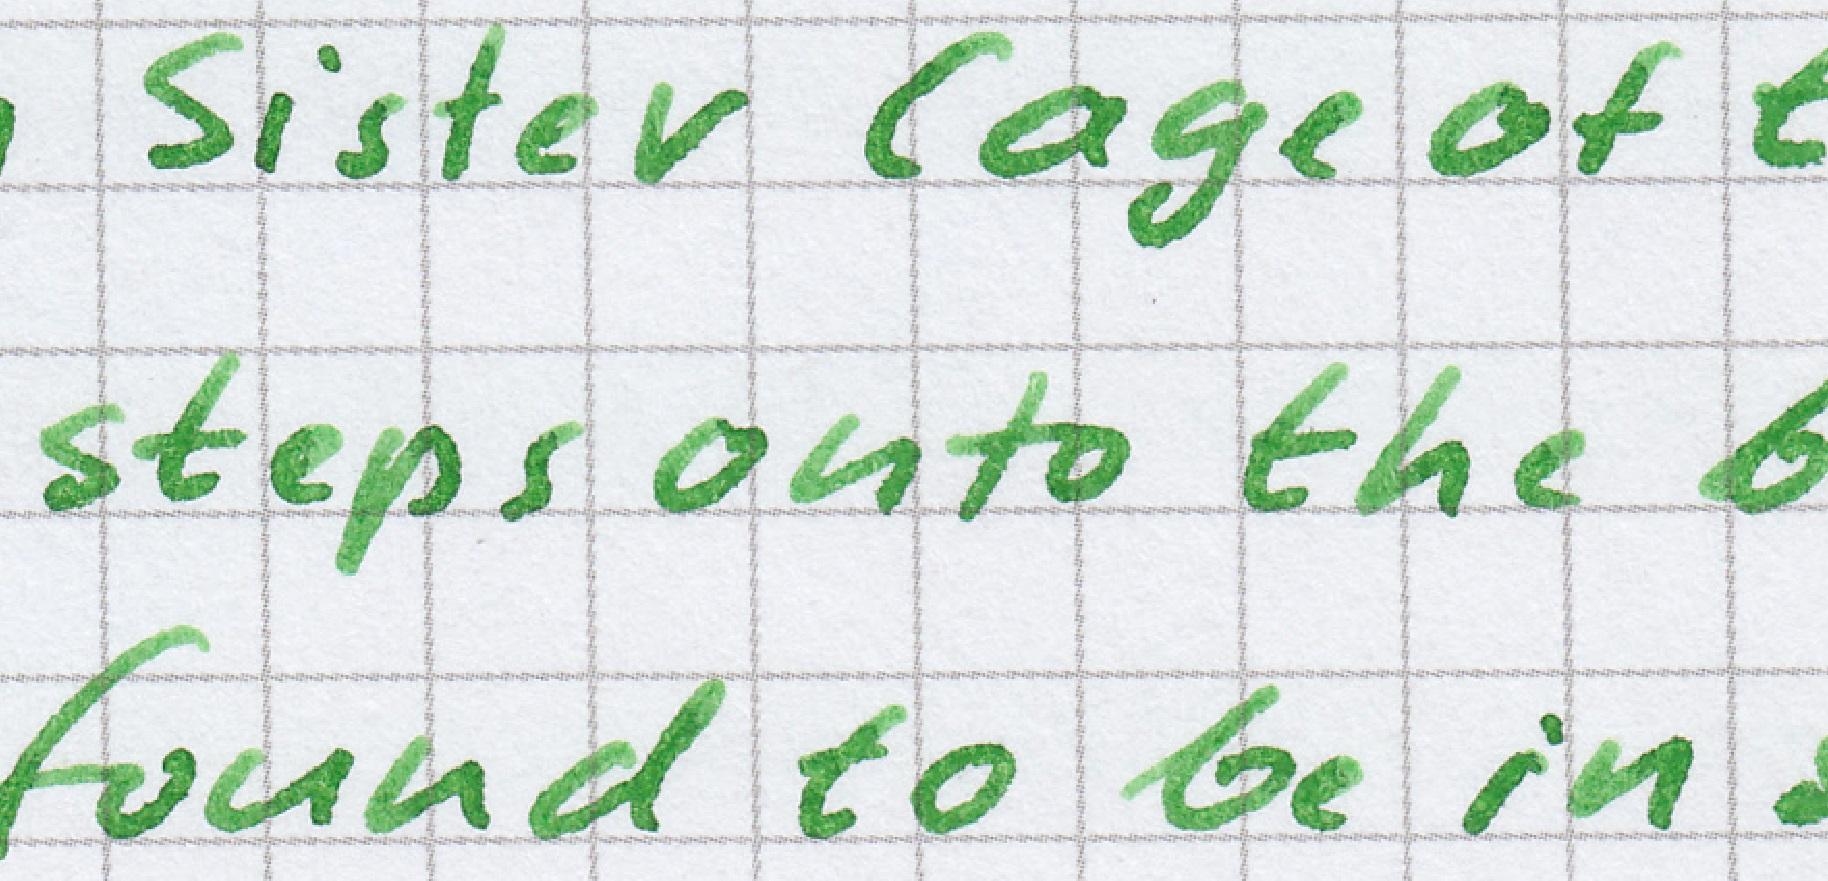 fpn_1521748954__vipergreen_gvfc_cc_2.jpg